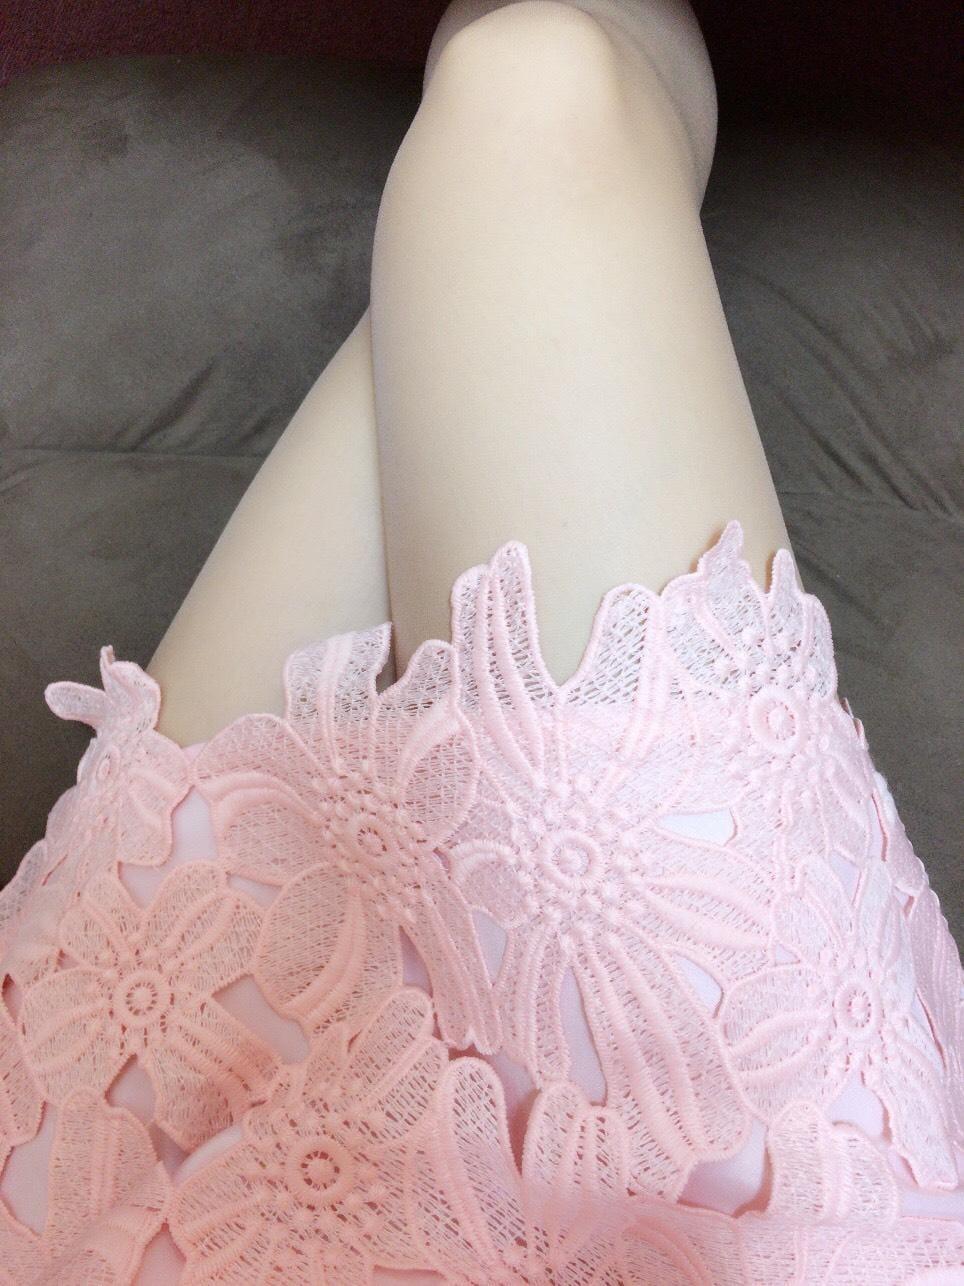 「おはようございます(*^^*)」08/16(08/16) 12:55   せいらの写メ・風俗動画